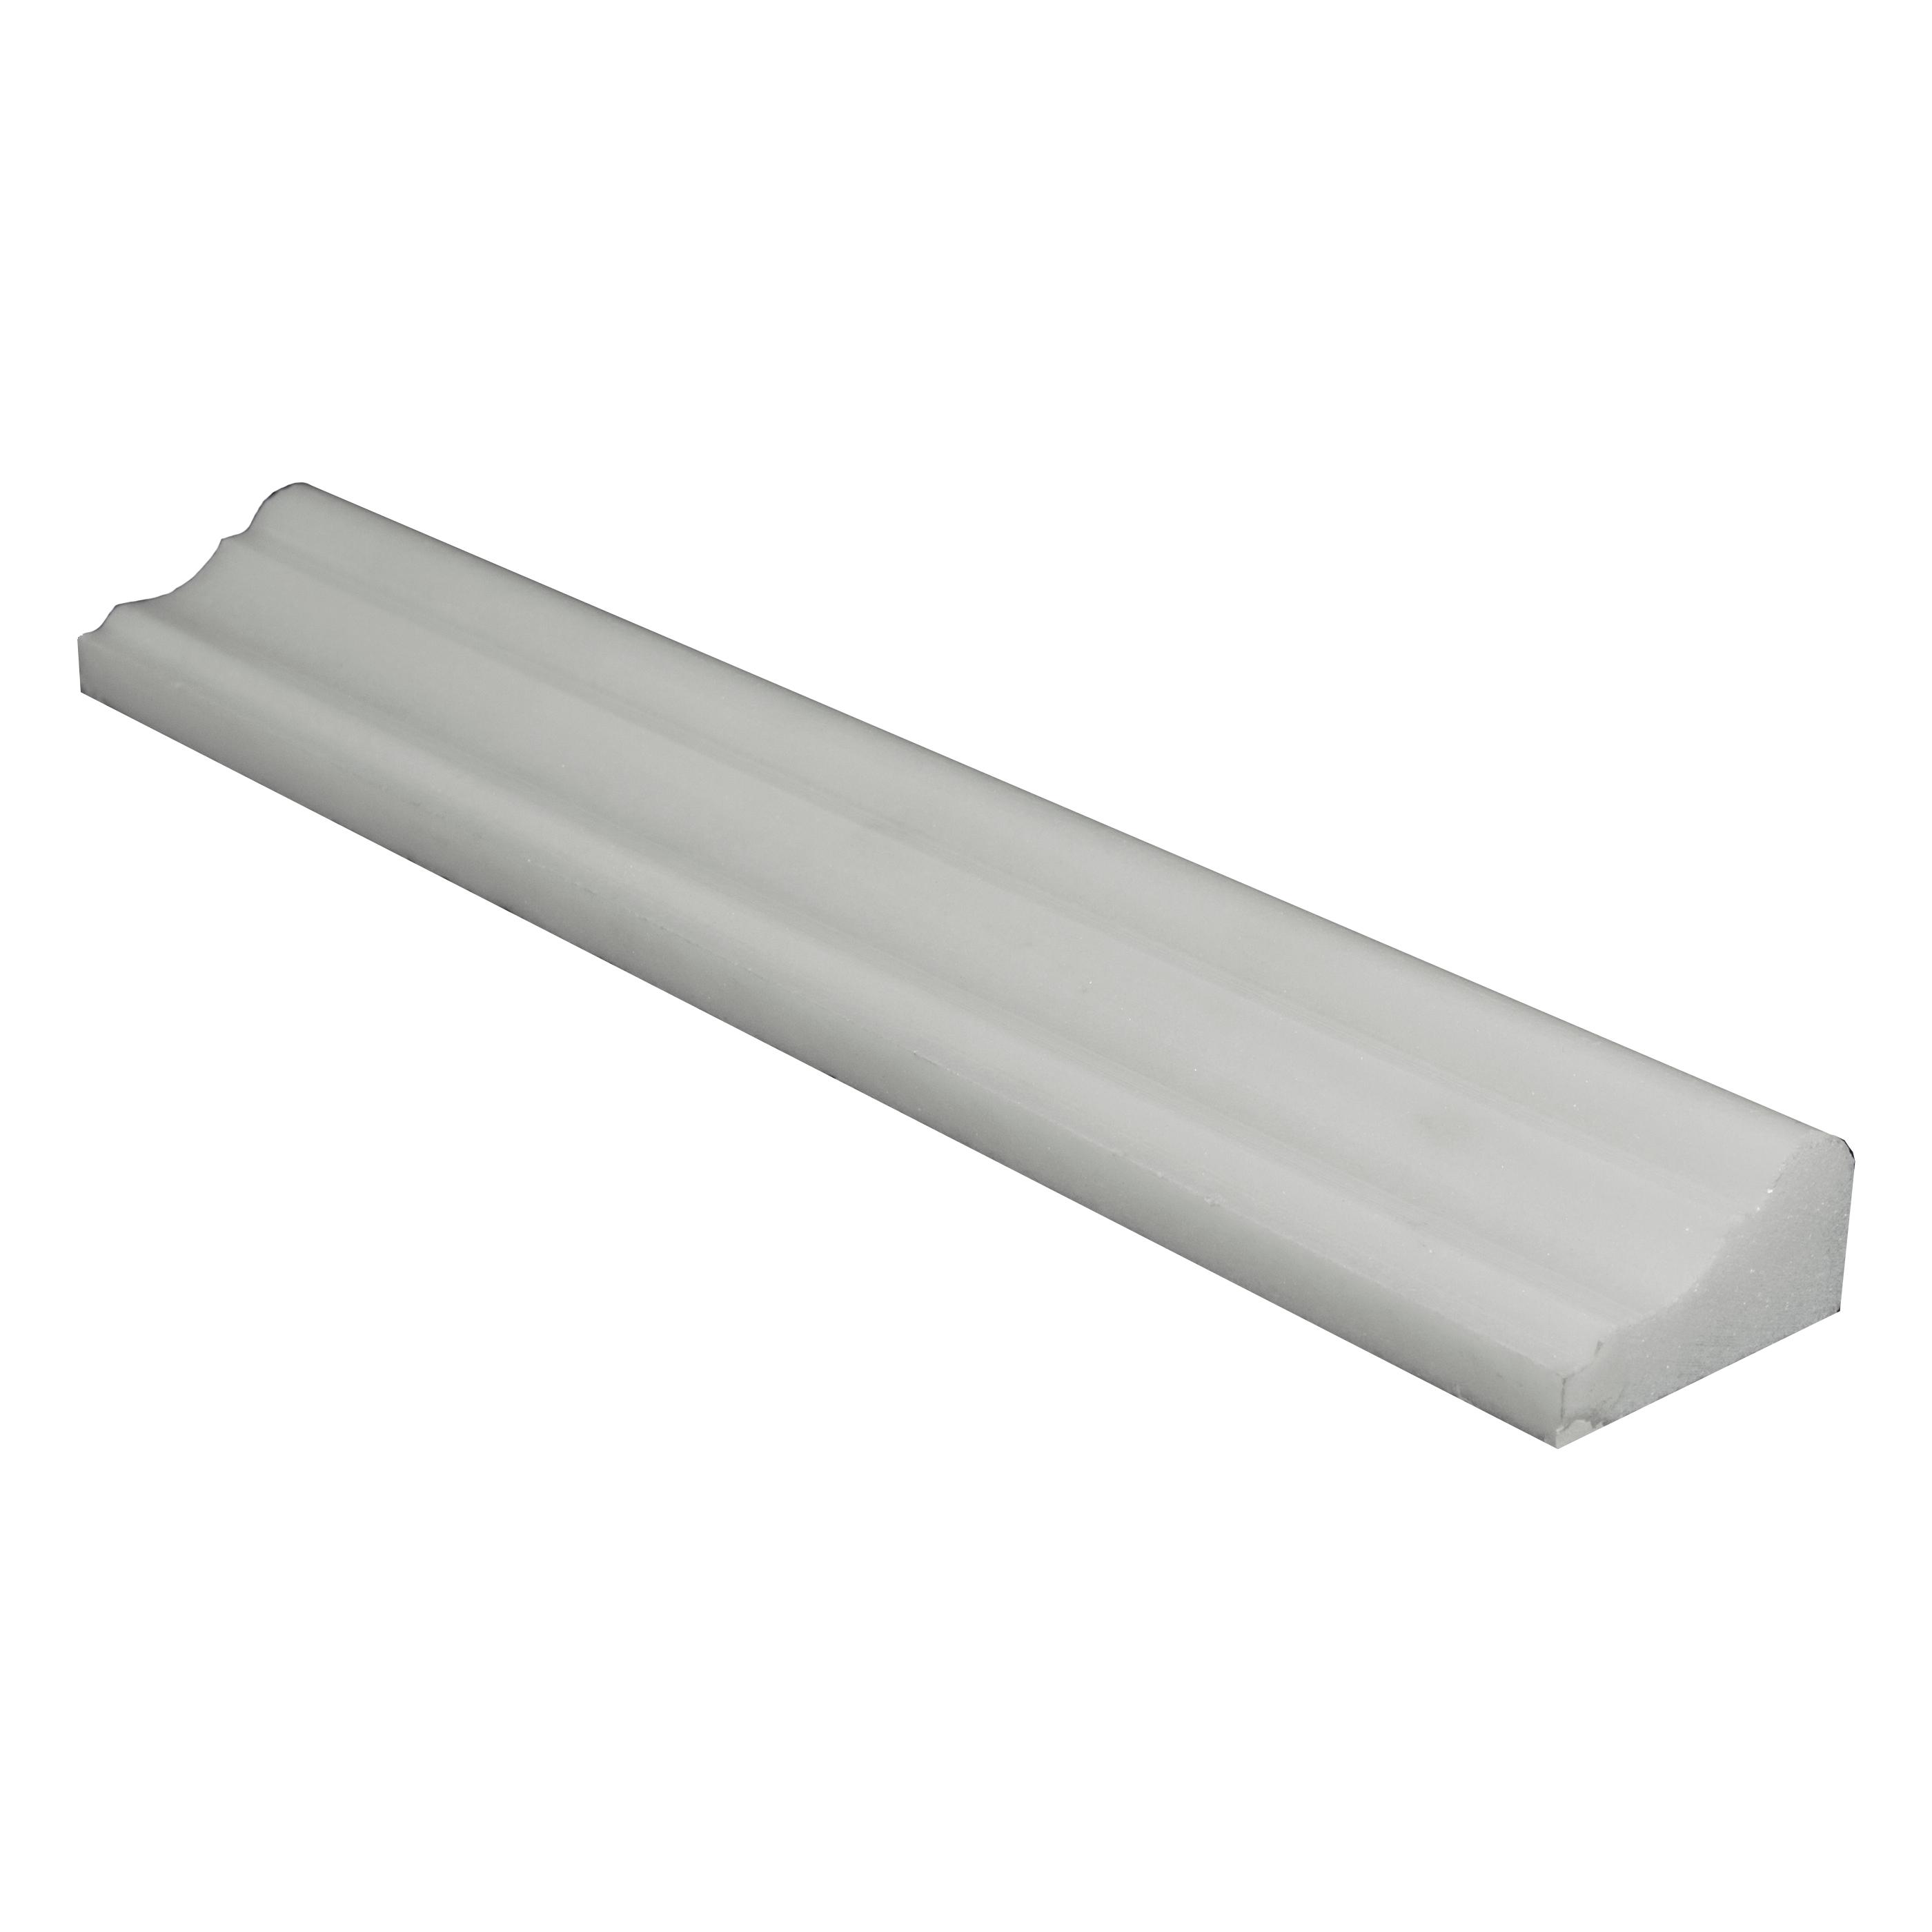 White Thassos Polished 2x12 Andorra Marble Molding |Thassos Marble 2x12